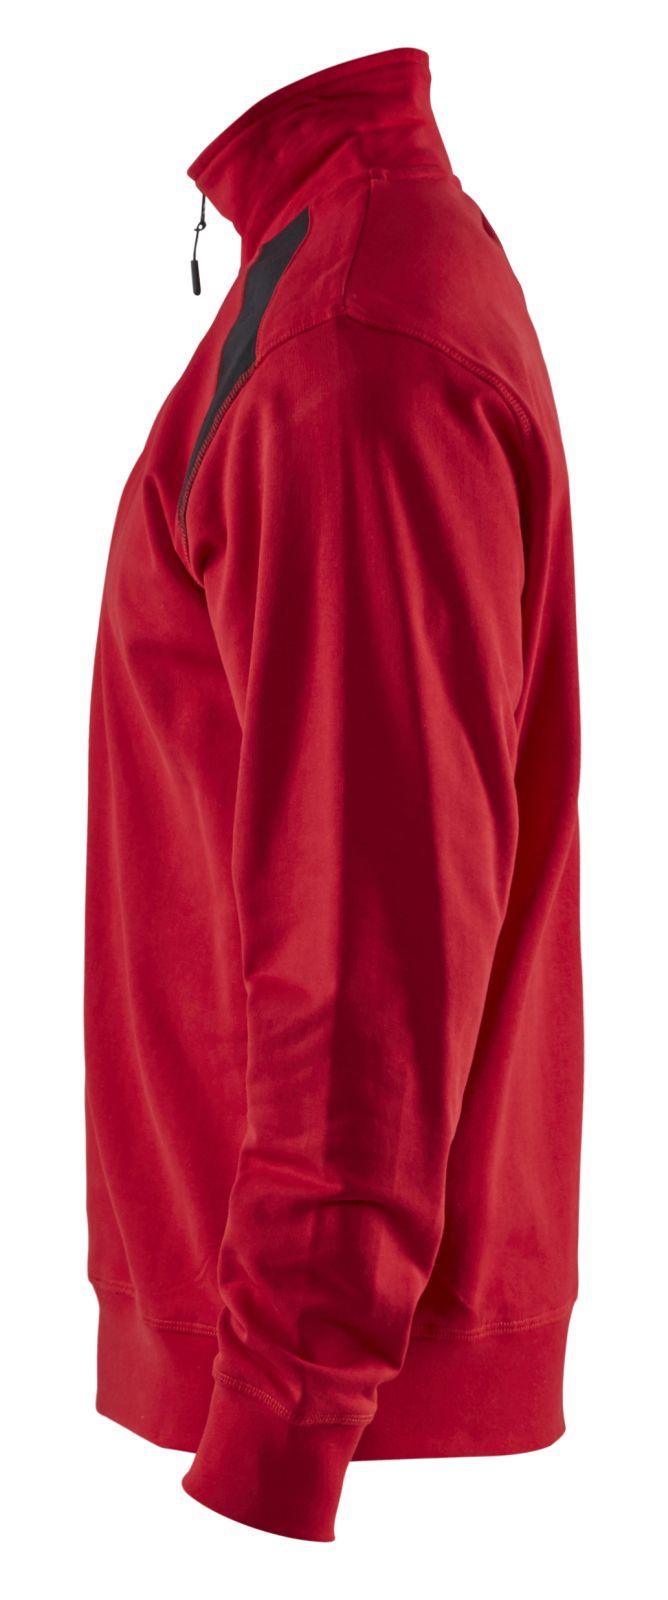 Blaklader Sweatshirts 33531158 rood-zwart(5699)